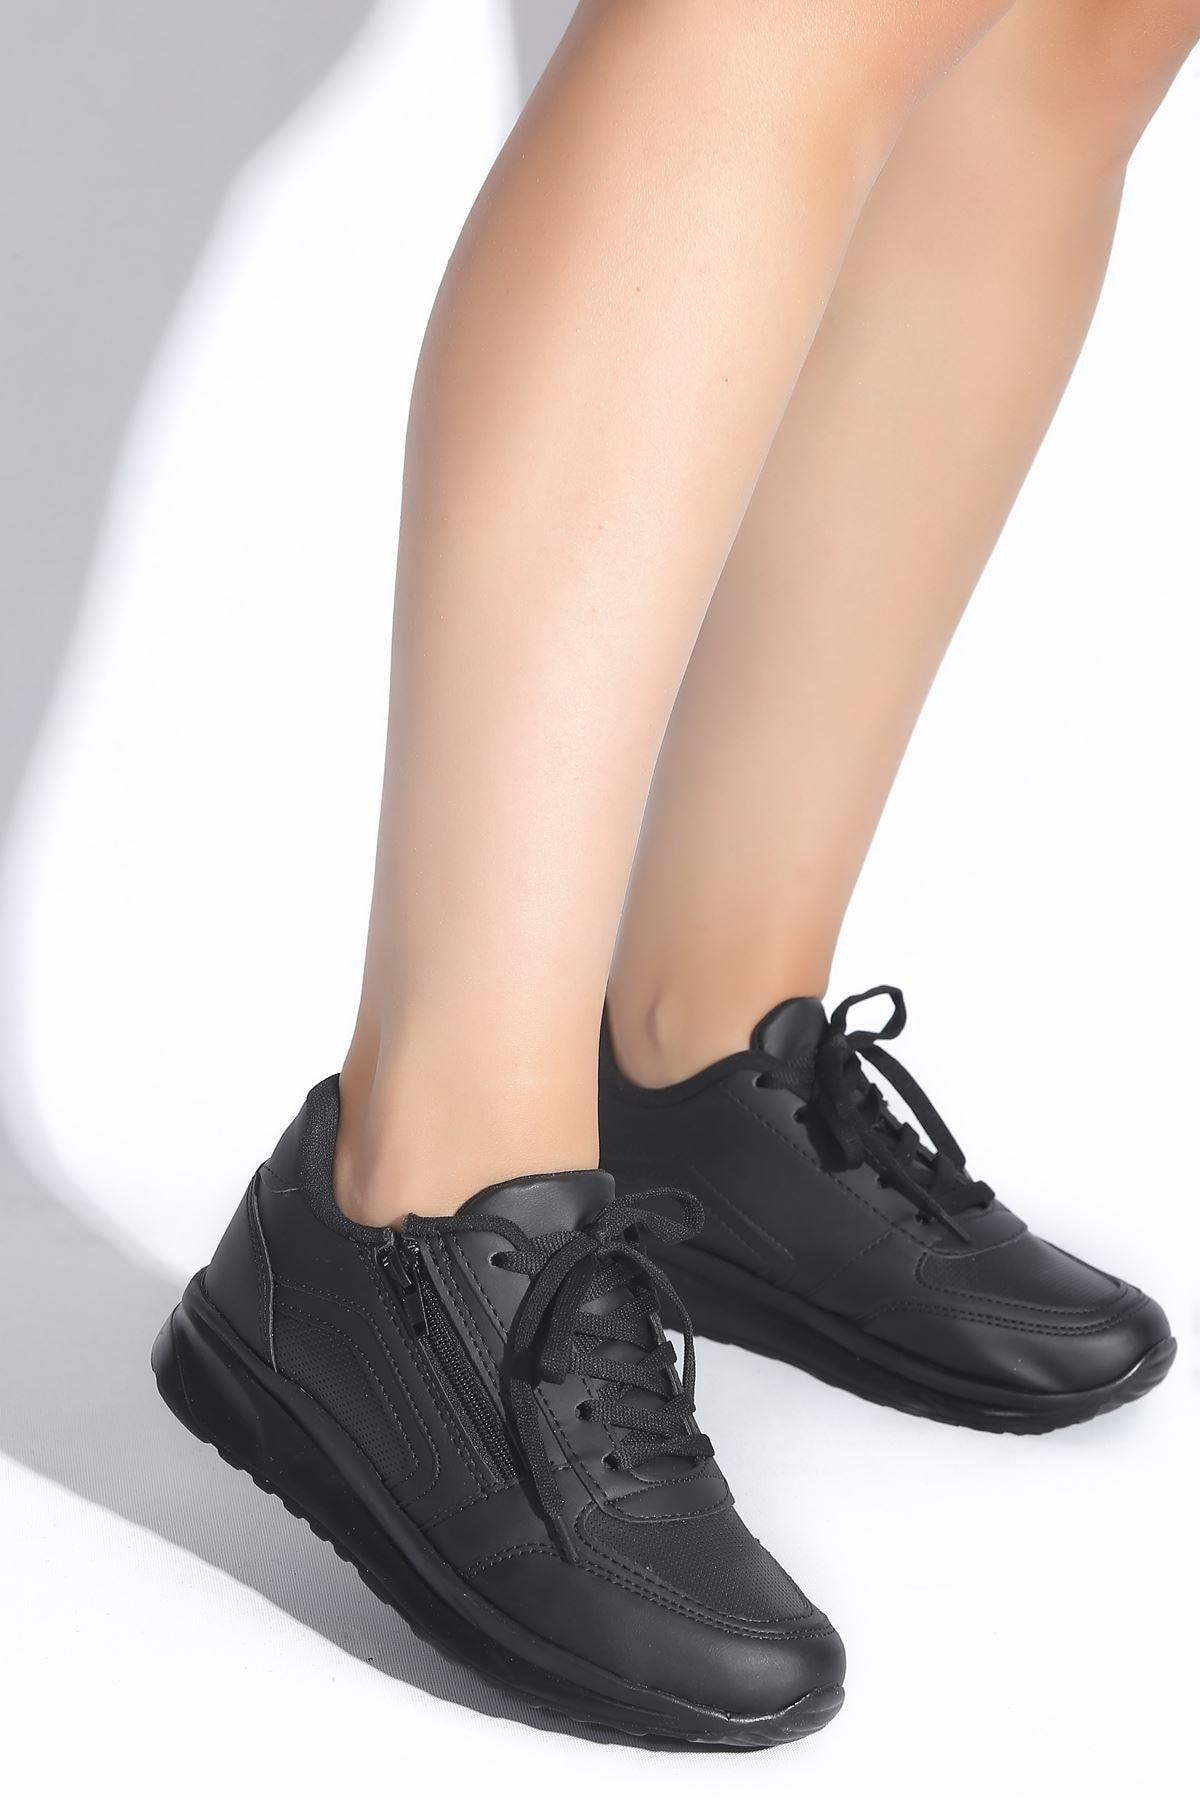 Papuçlarım Kadın Siyah Spor Ayakkabı